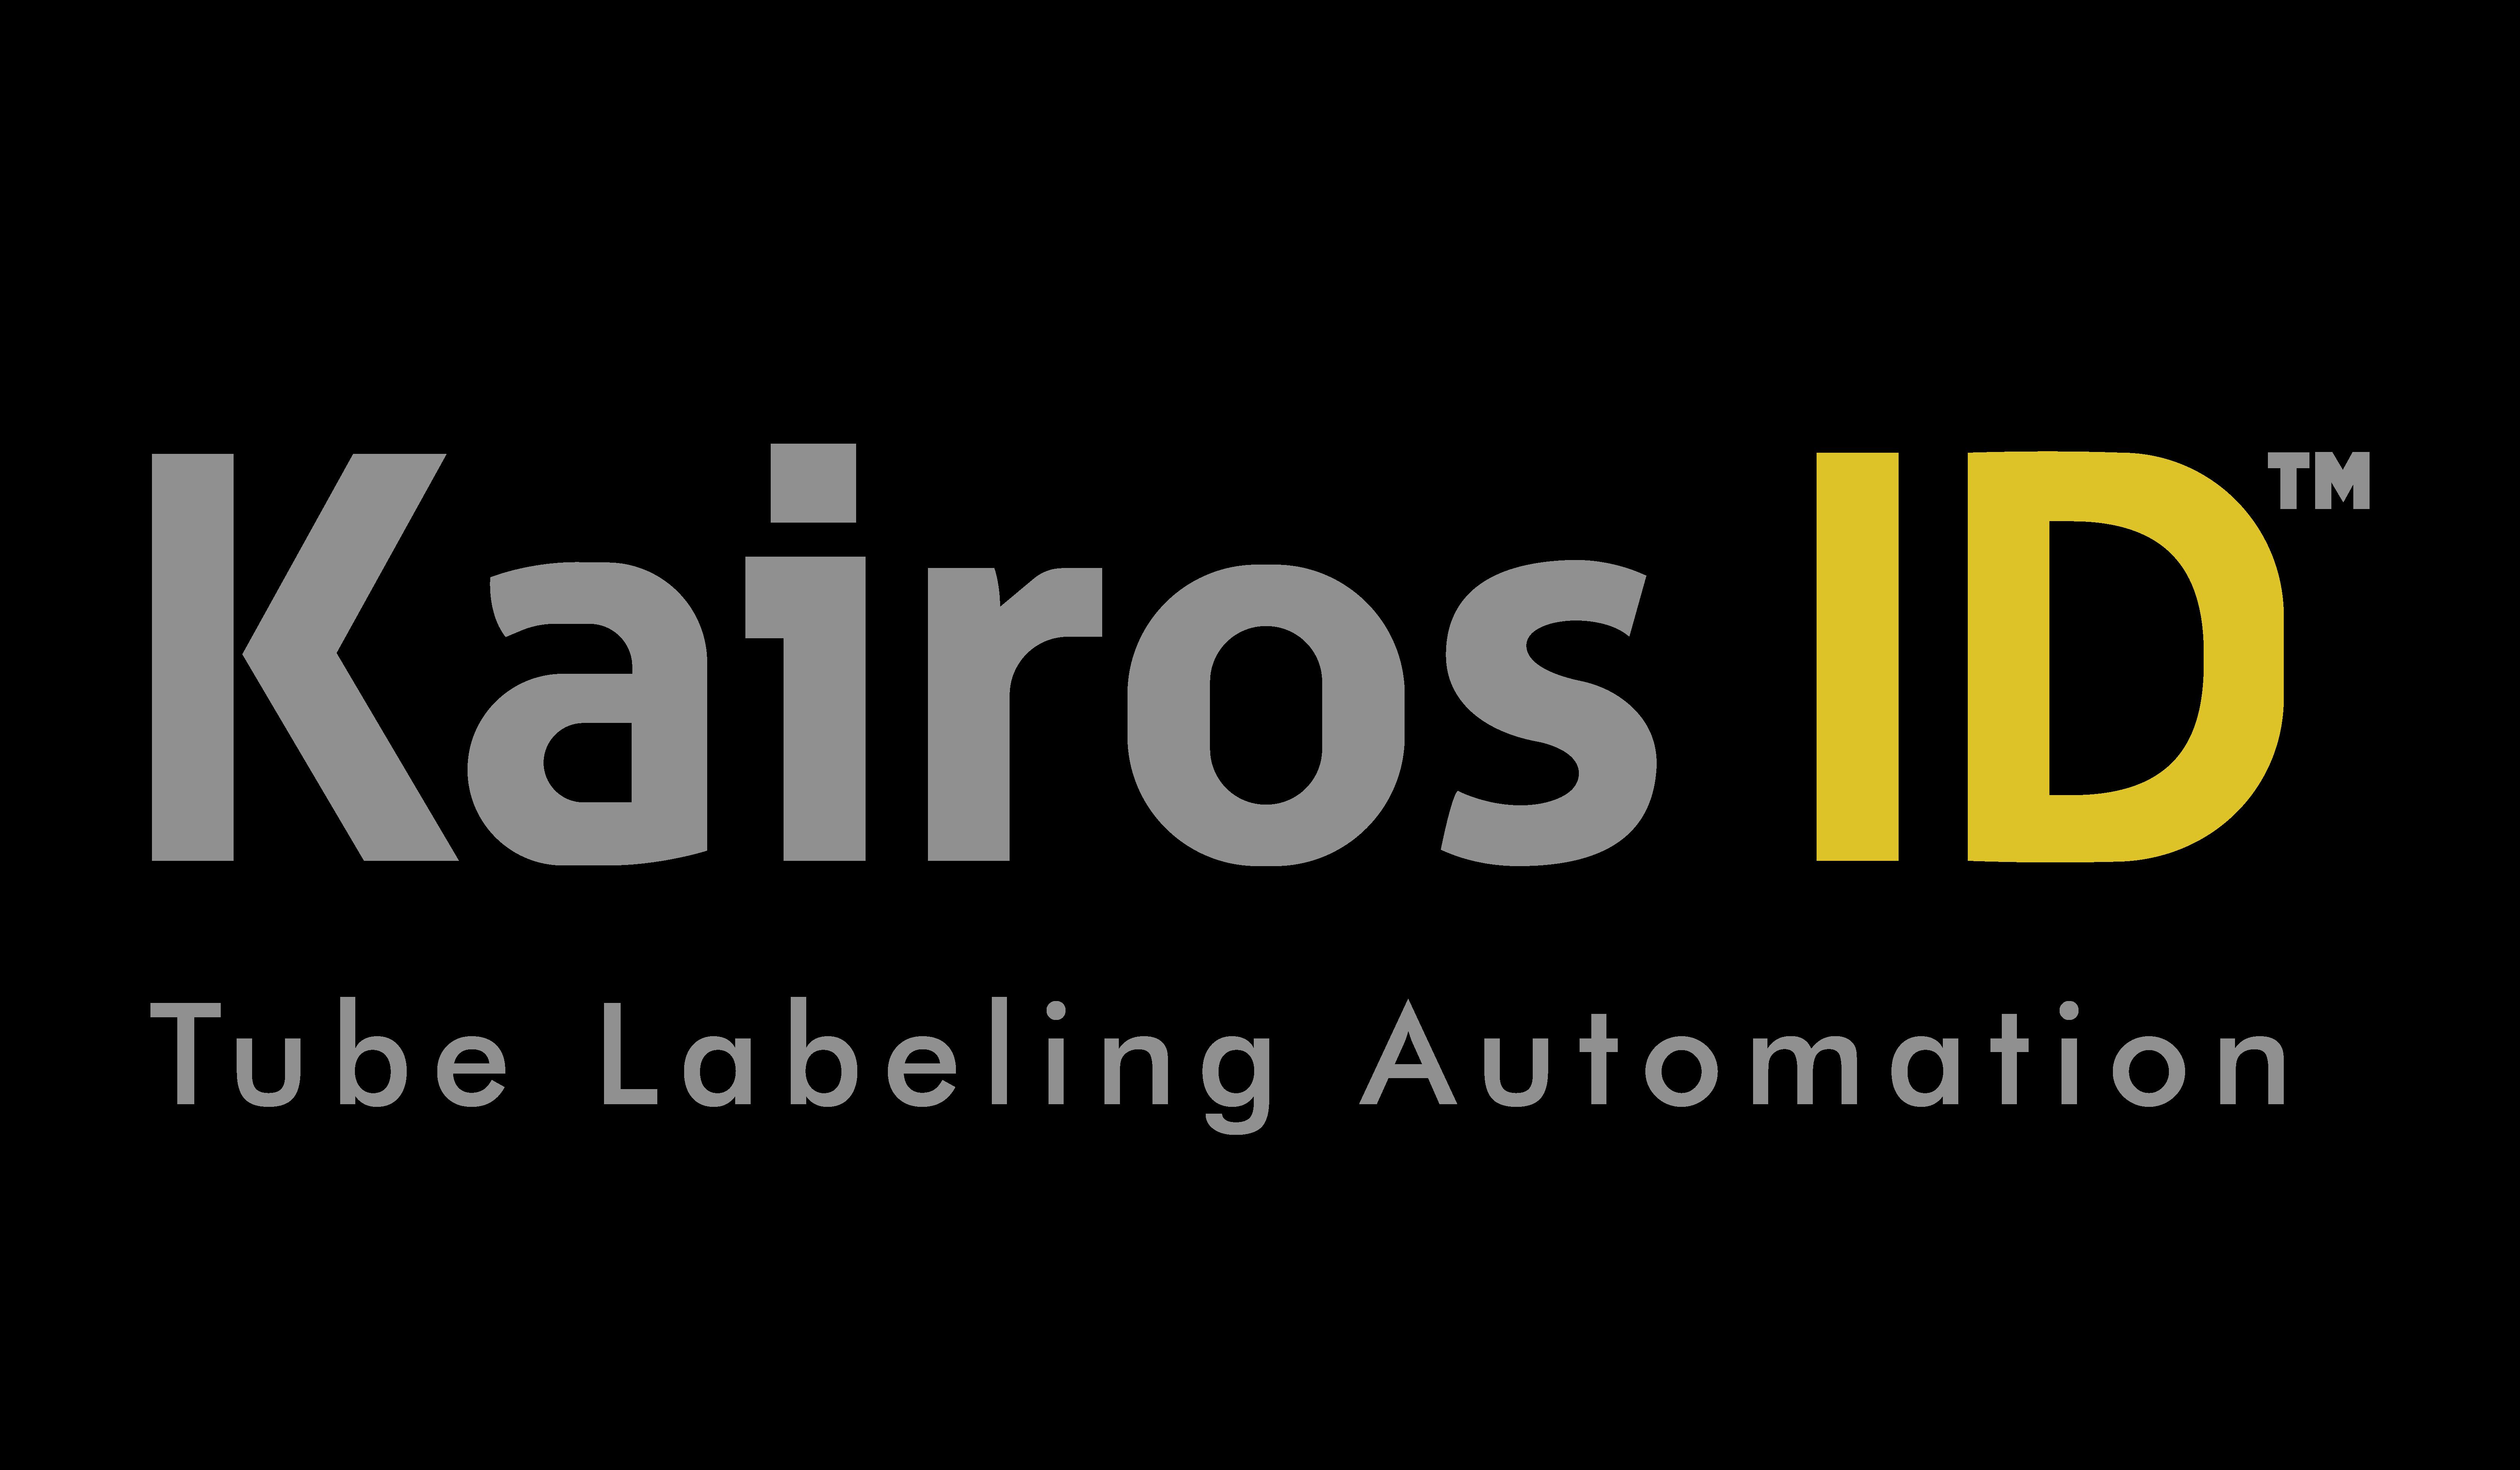 Kairos ID w Tagline